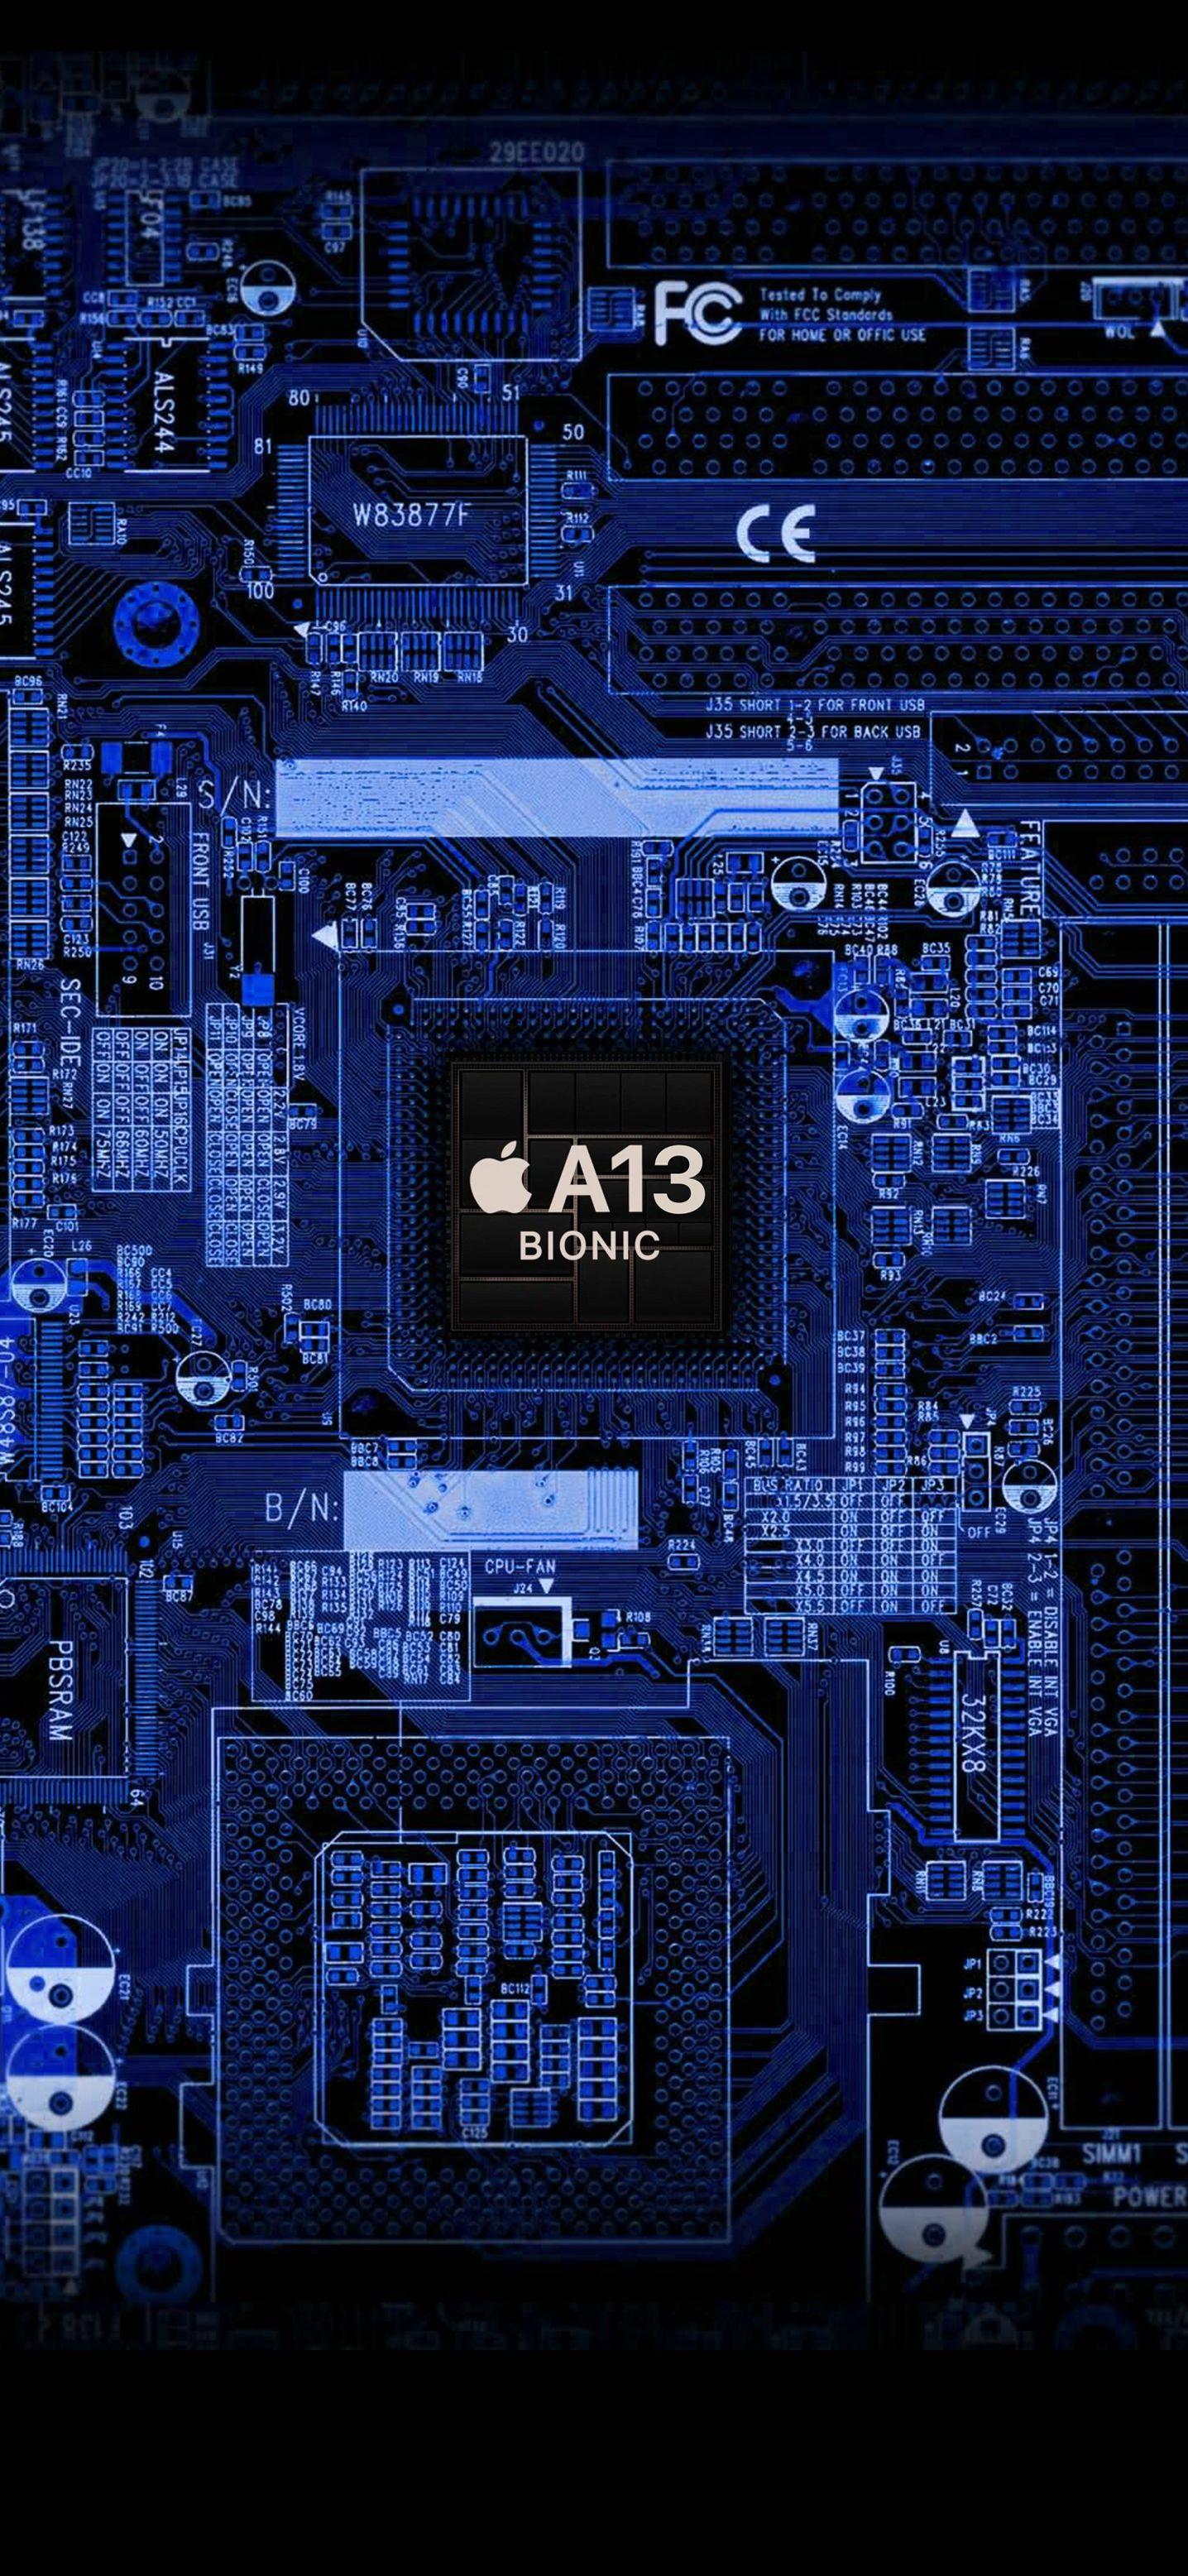 اجمل خلفيات الايفون iPhone Wallpaper Apple wallpaper